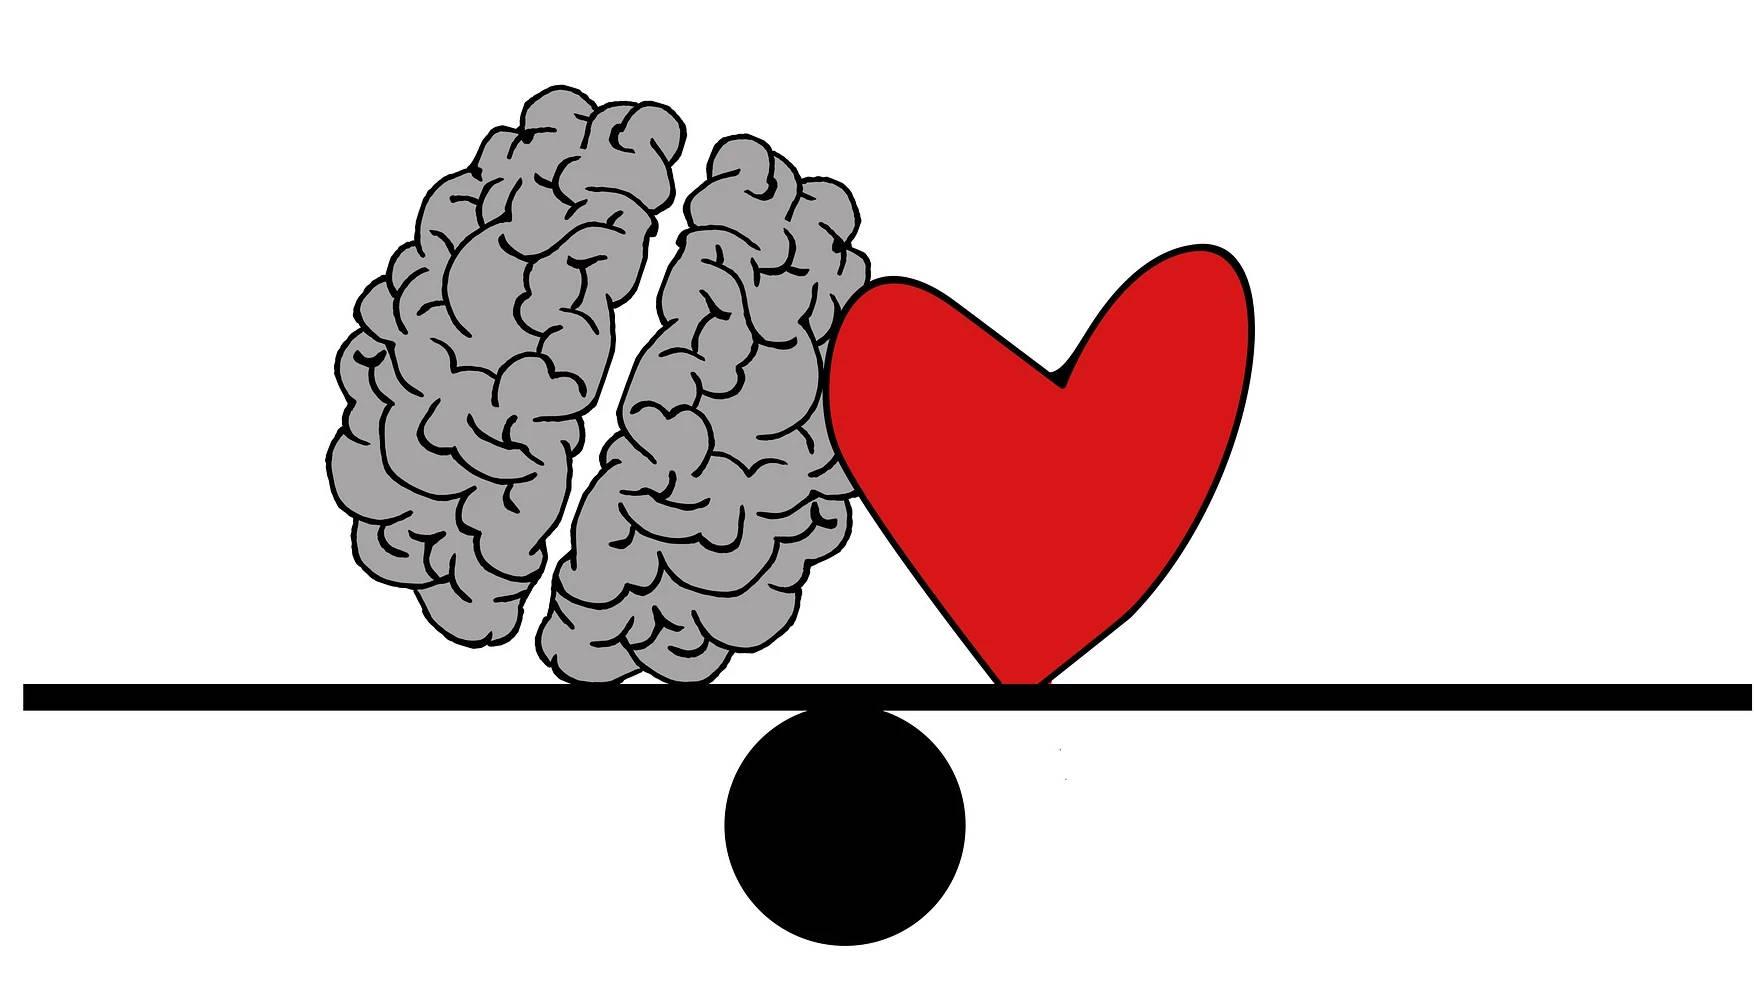 heartBrainGraphic